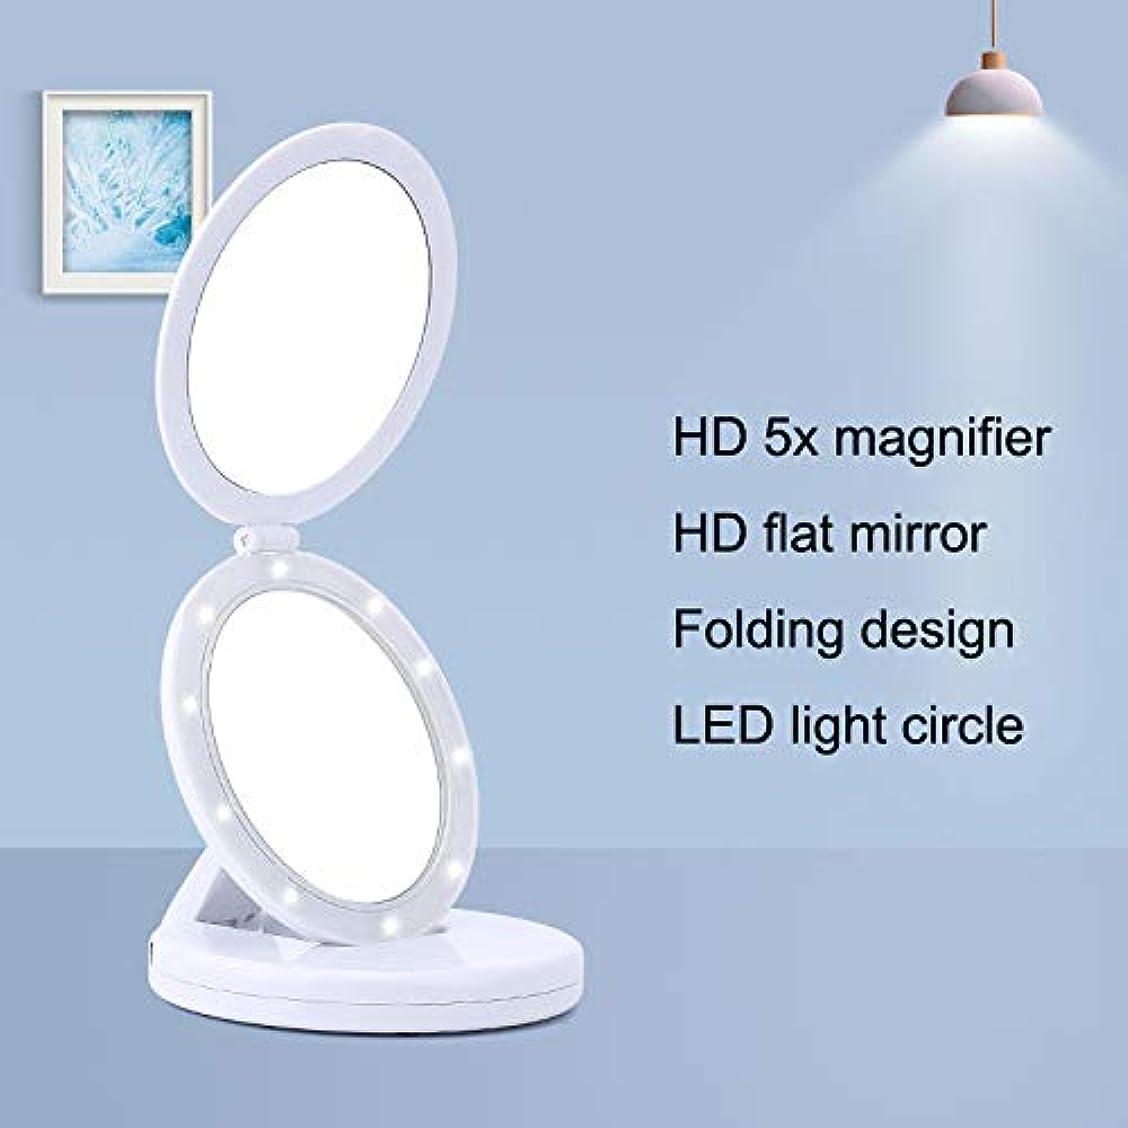 財産引くプレミアAylincool化粧品ミラー化粧鏡、折りたたみ式LED化粧ダブルミラー5倍拡大鏡デスクトップミラー